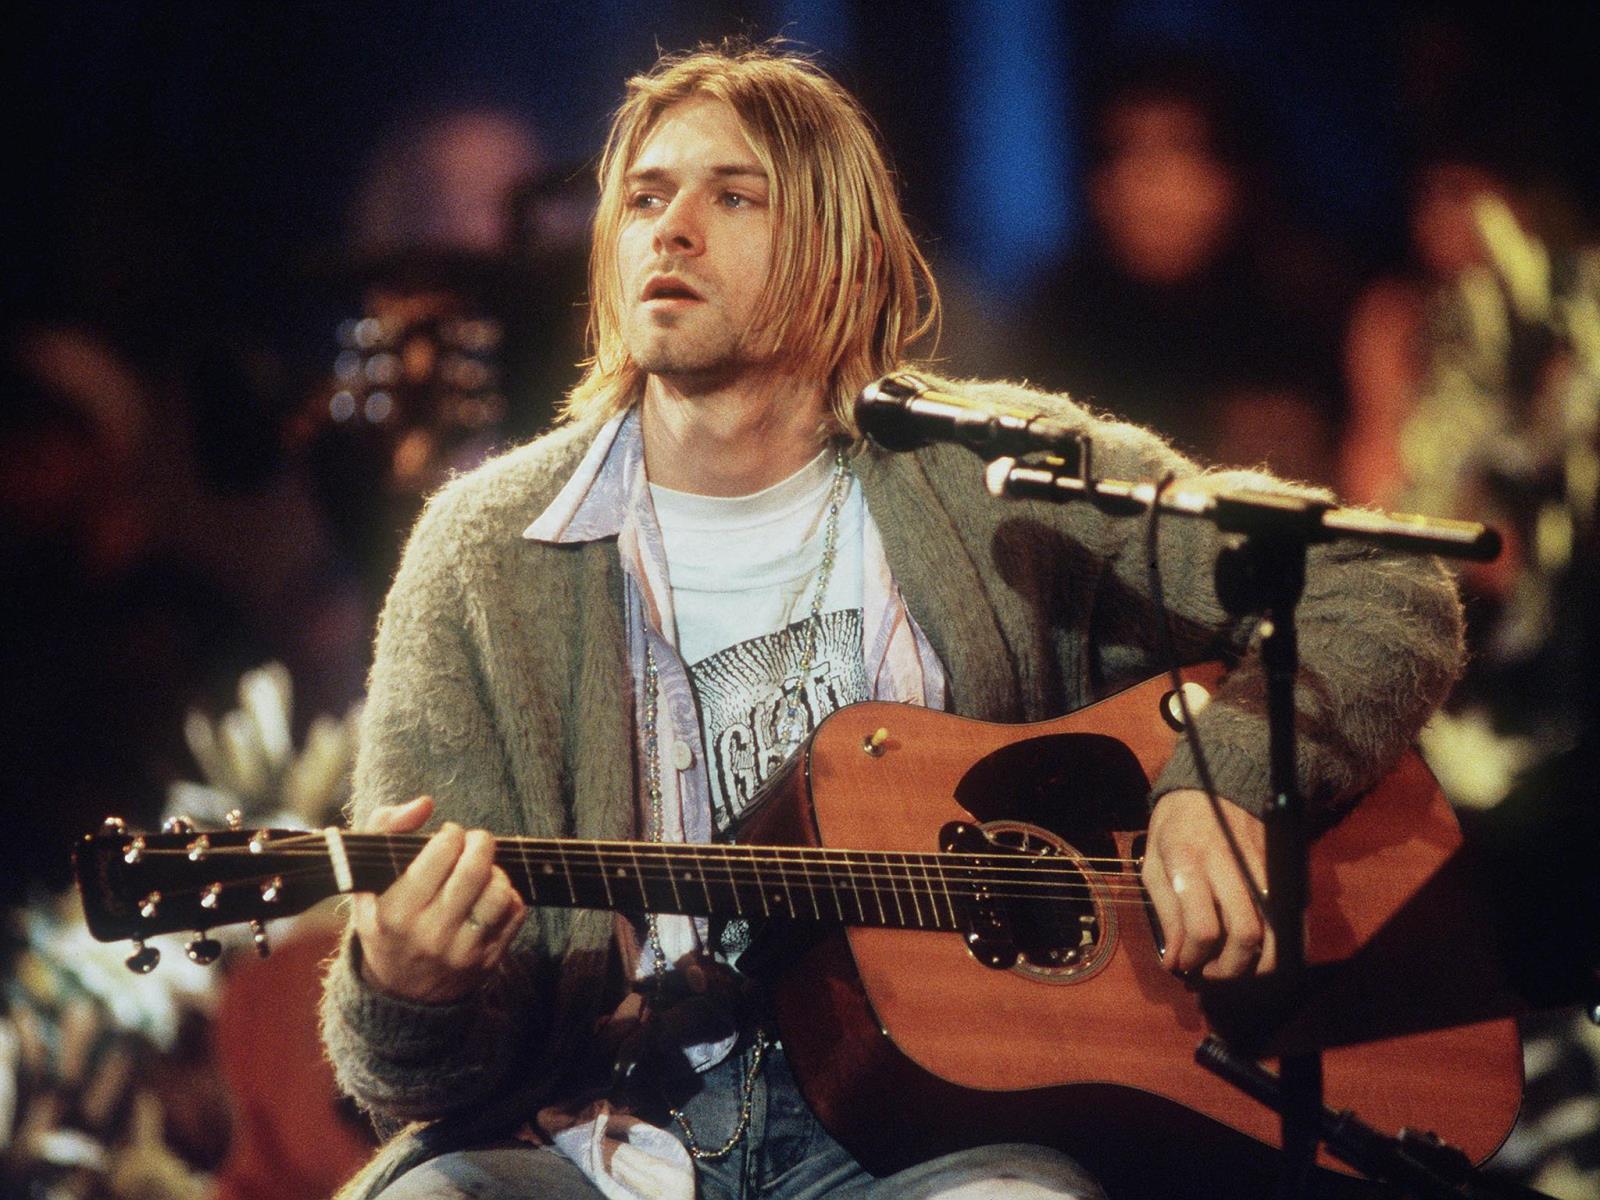 Kurt Cobain byl posmrtně uveden do Klubu 27. Členem se může stát jen celebrita, která zemřela ve věku 27 let.